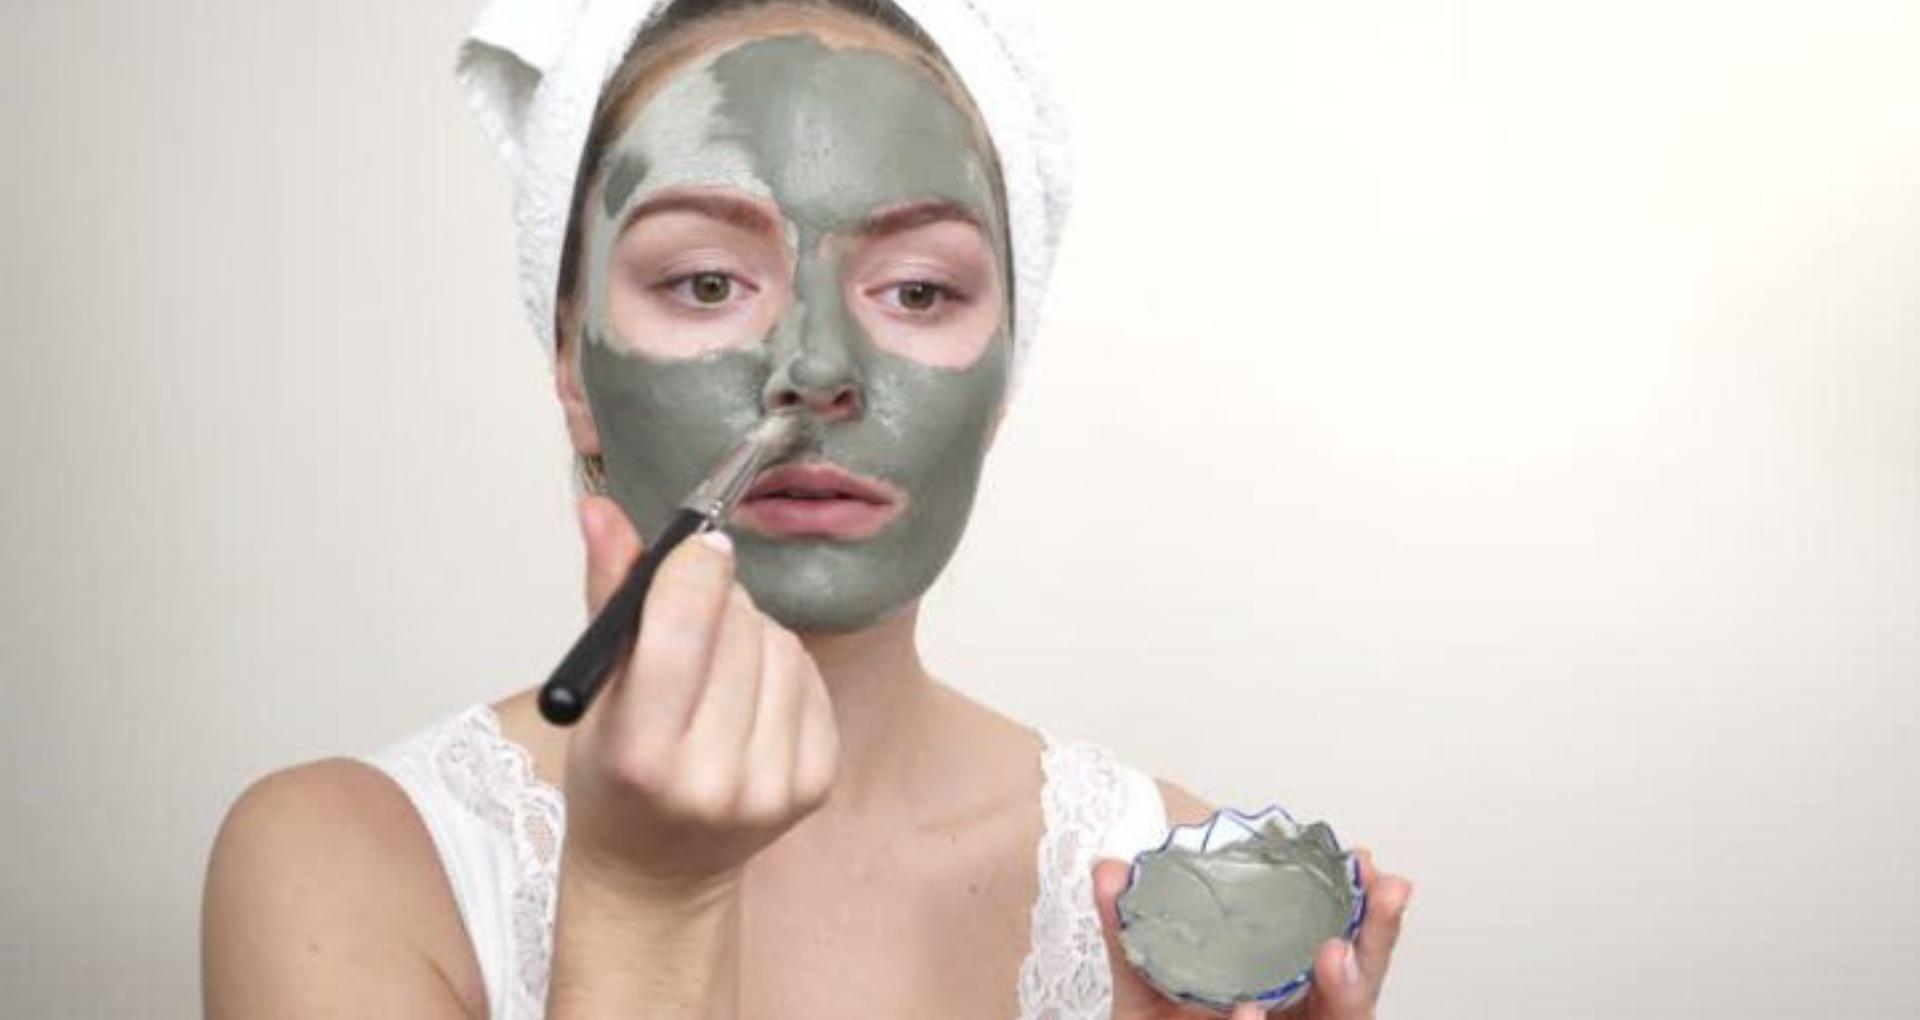 Facial At Home: पार्लर जाकर पैसे और वक्त बर्बाद क्यों करना? 5 आसान स्टेप में घर पर ही करें फेशियल